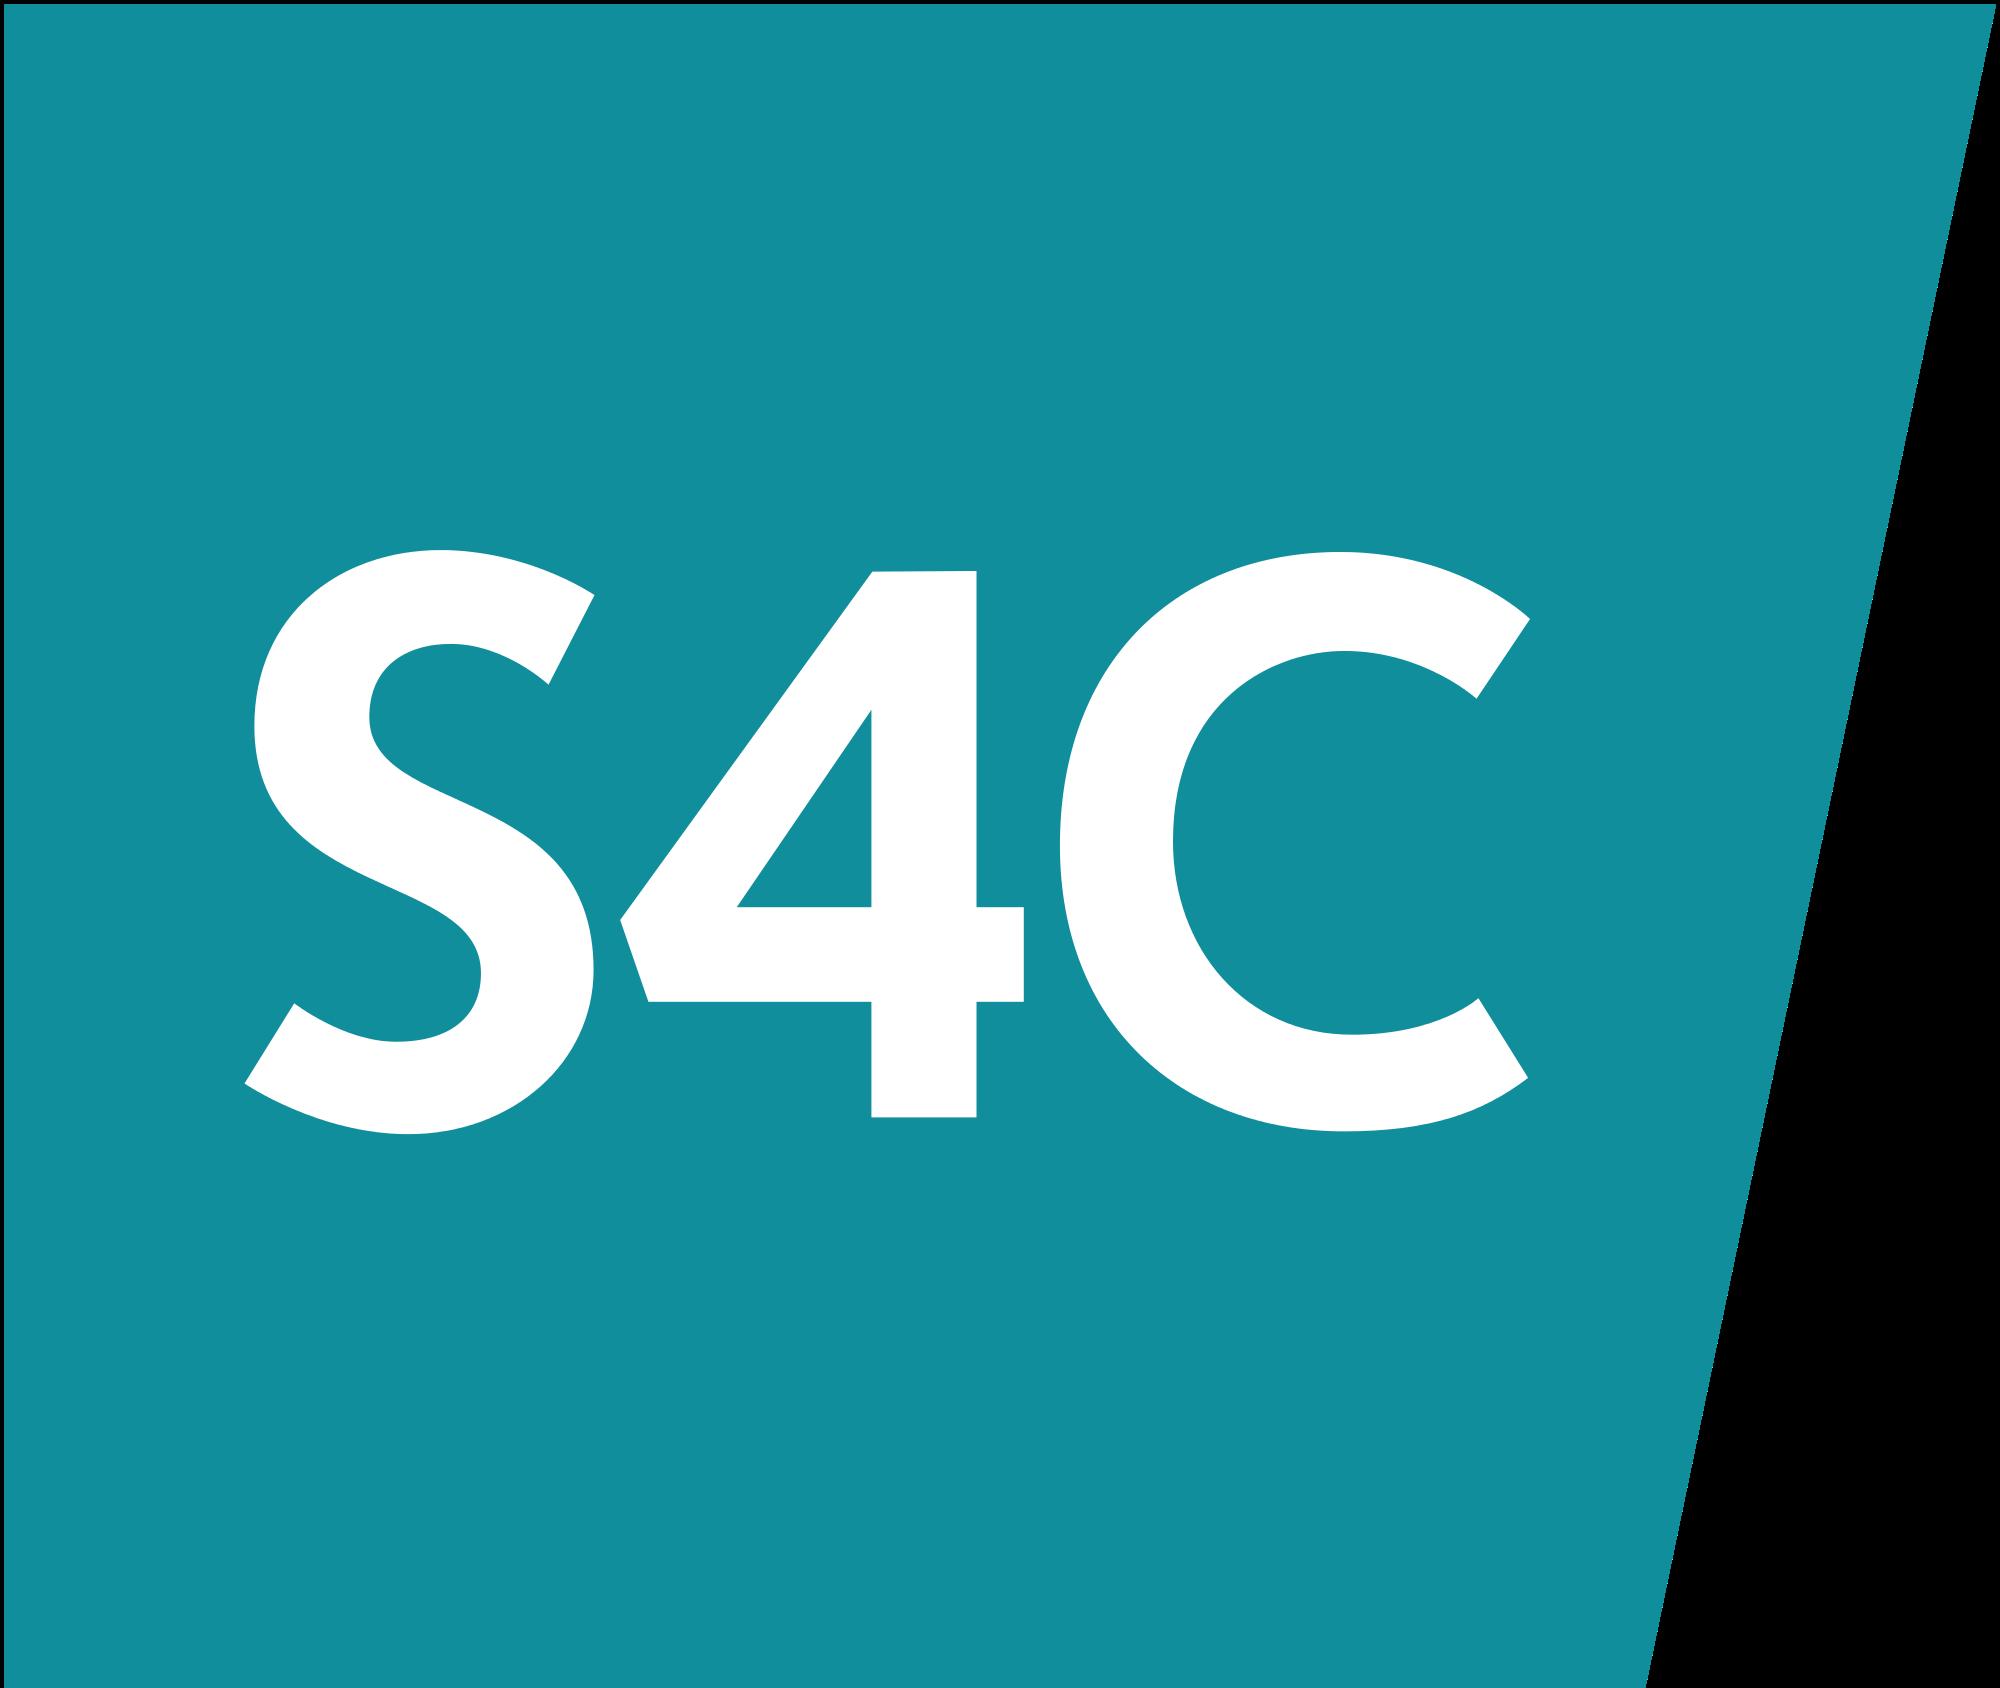 S4C_logo_2014.svg